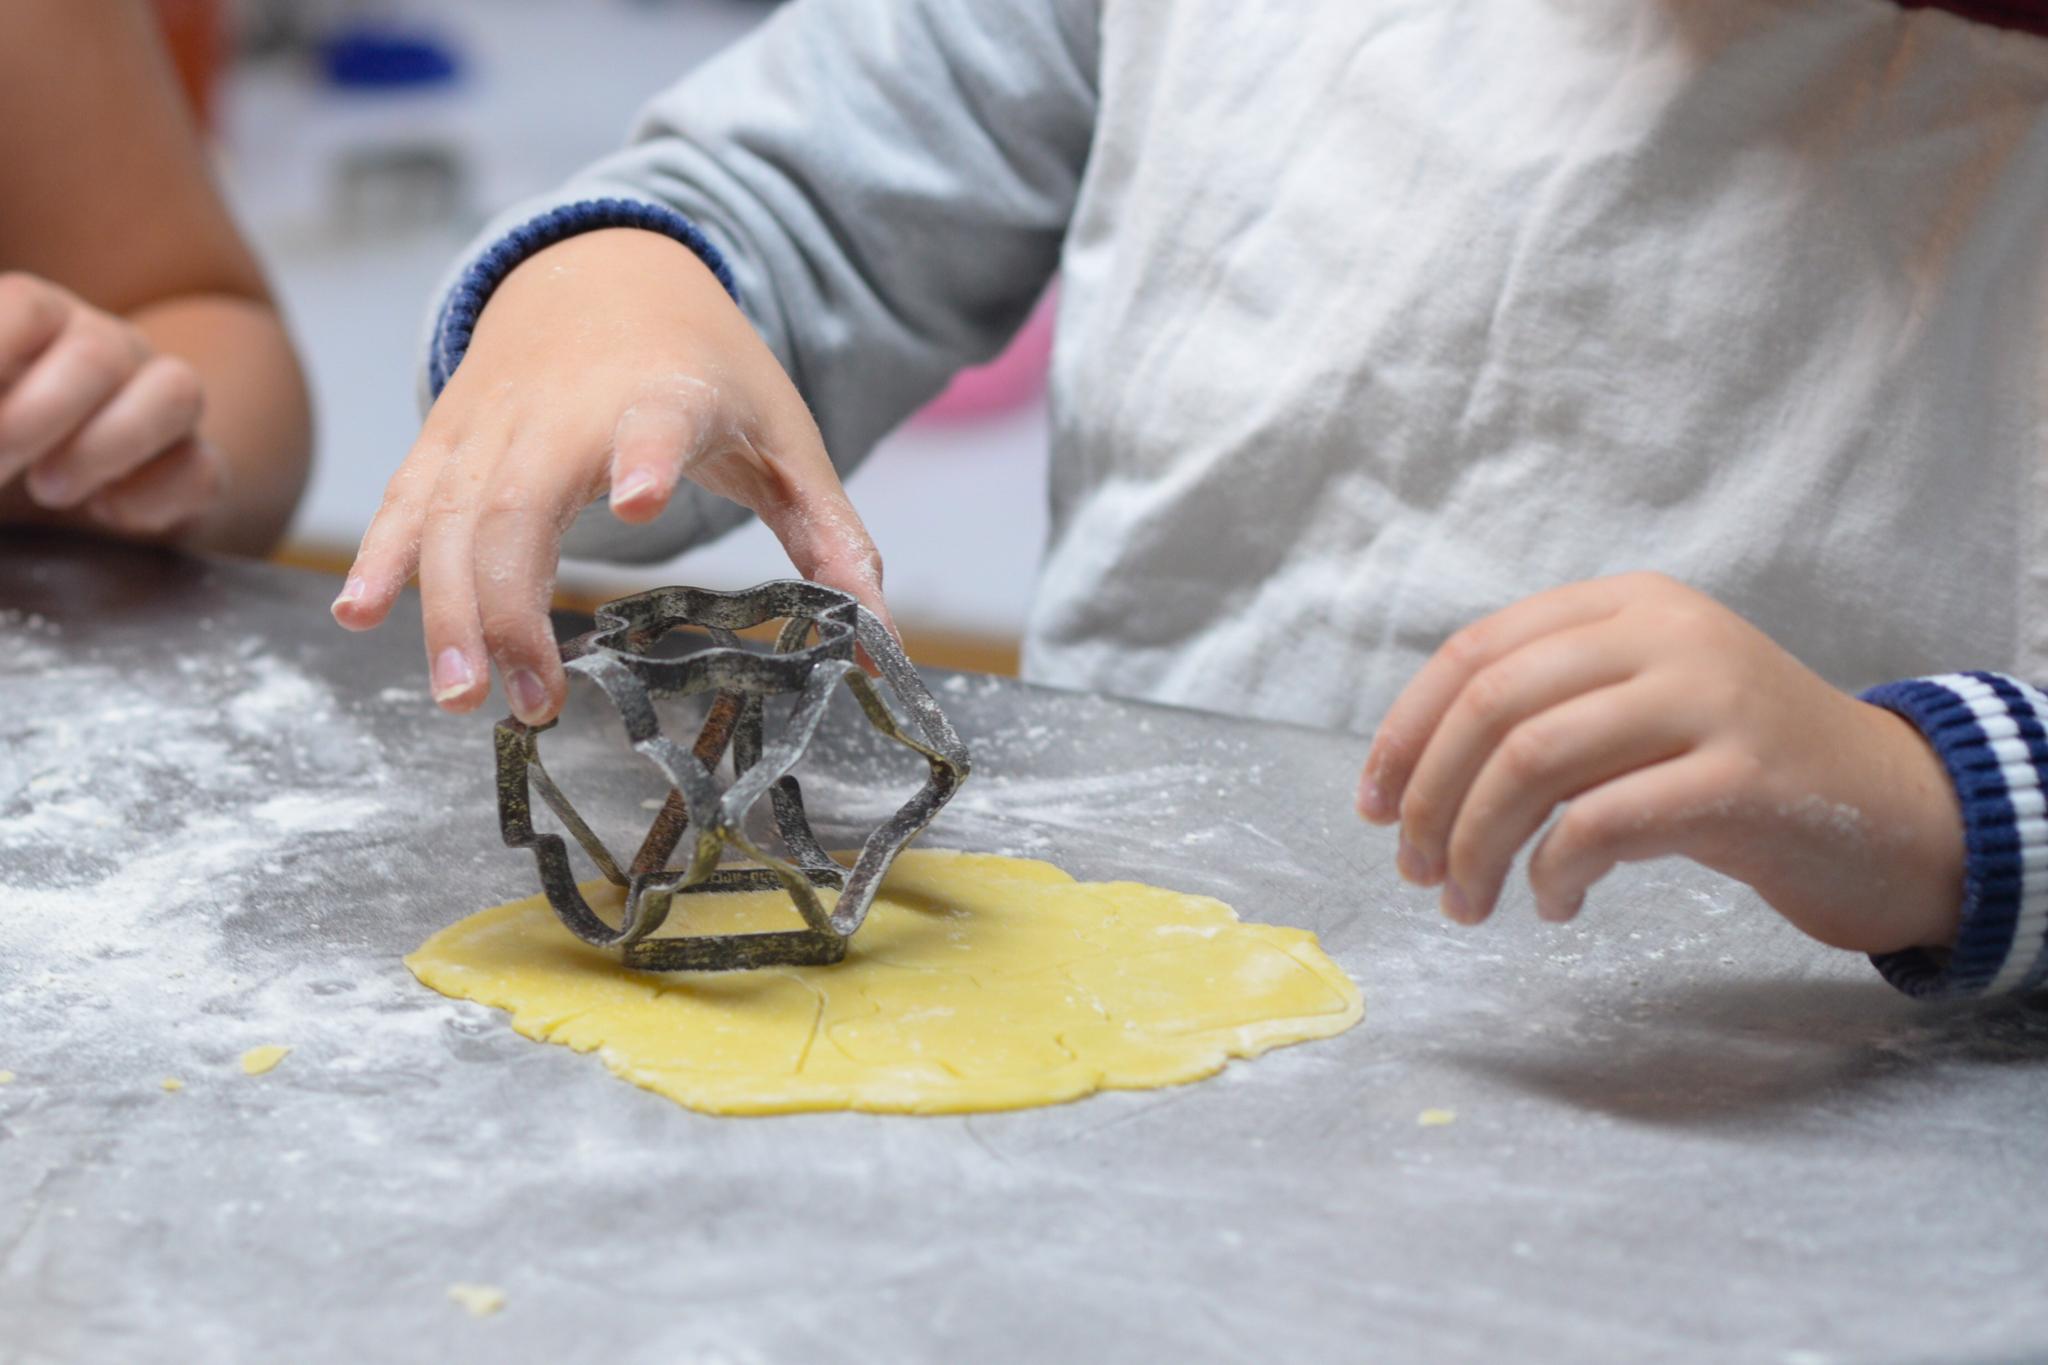 kid cookie cutter cooking kitchen.JPG